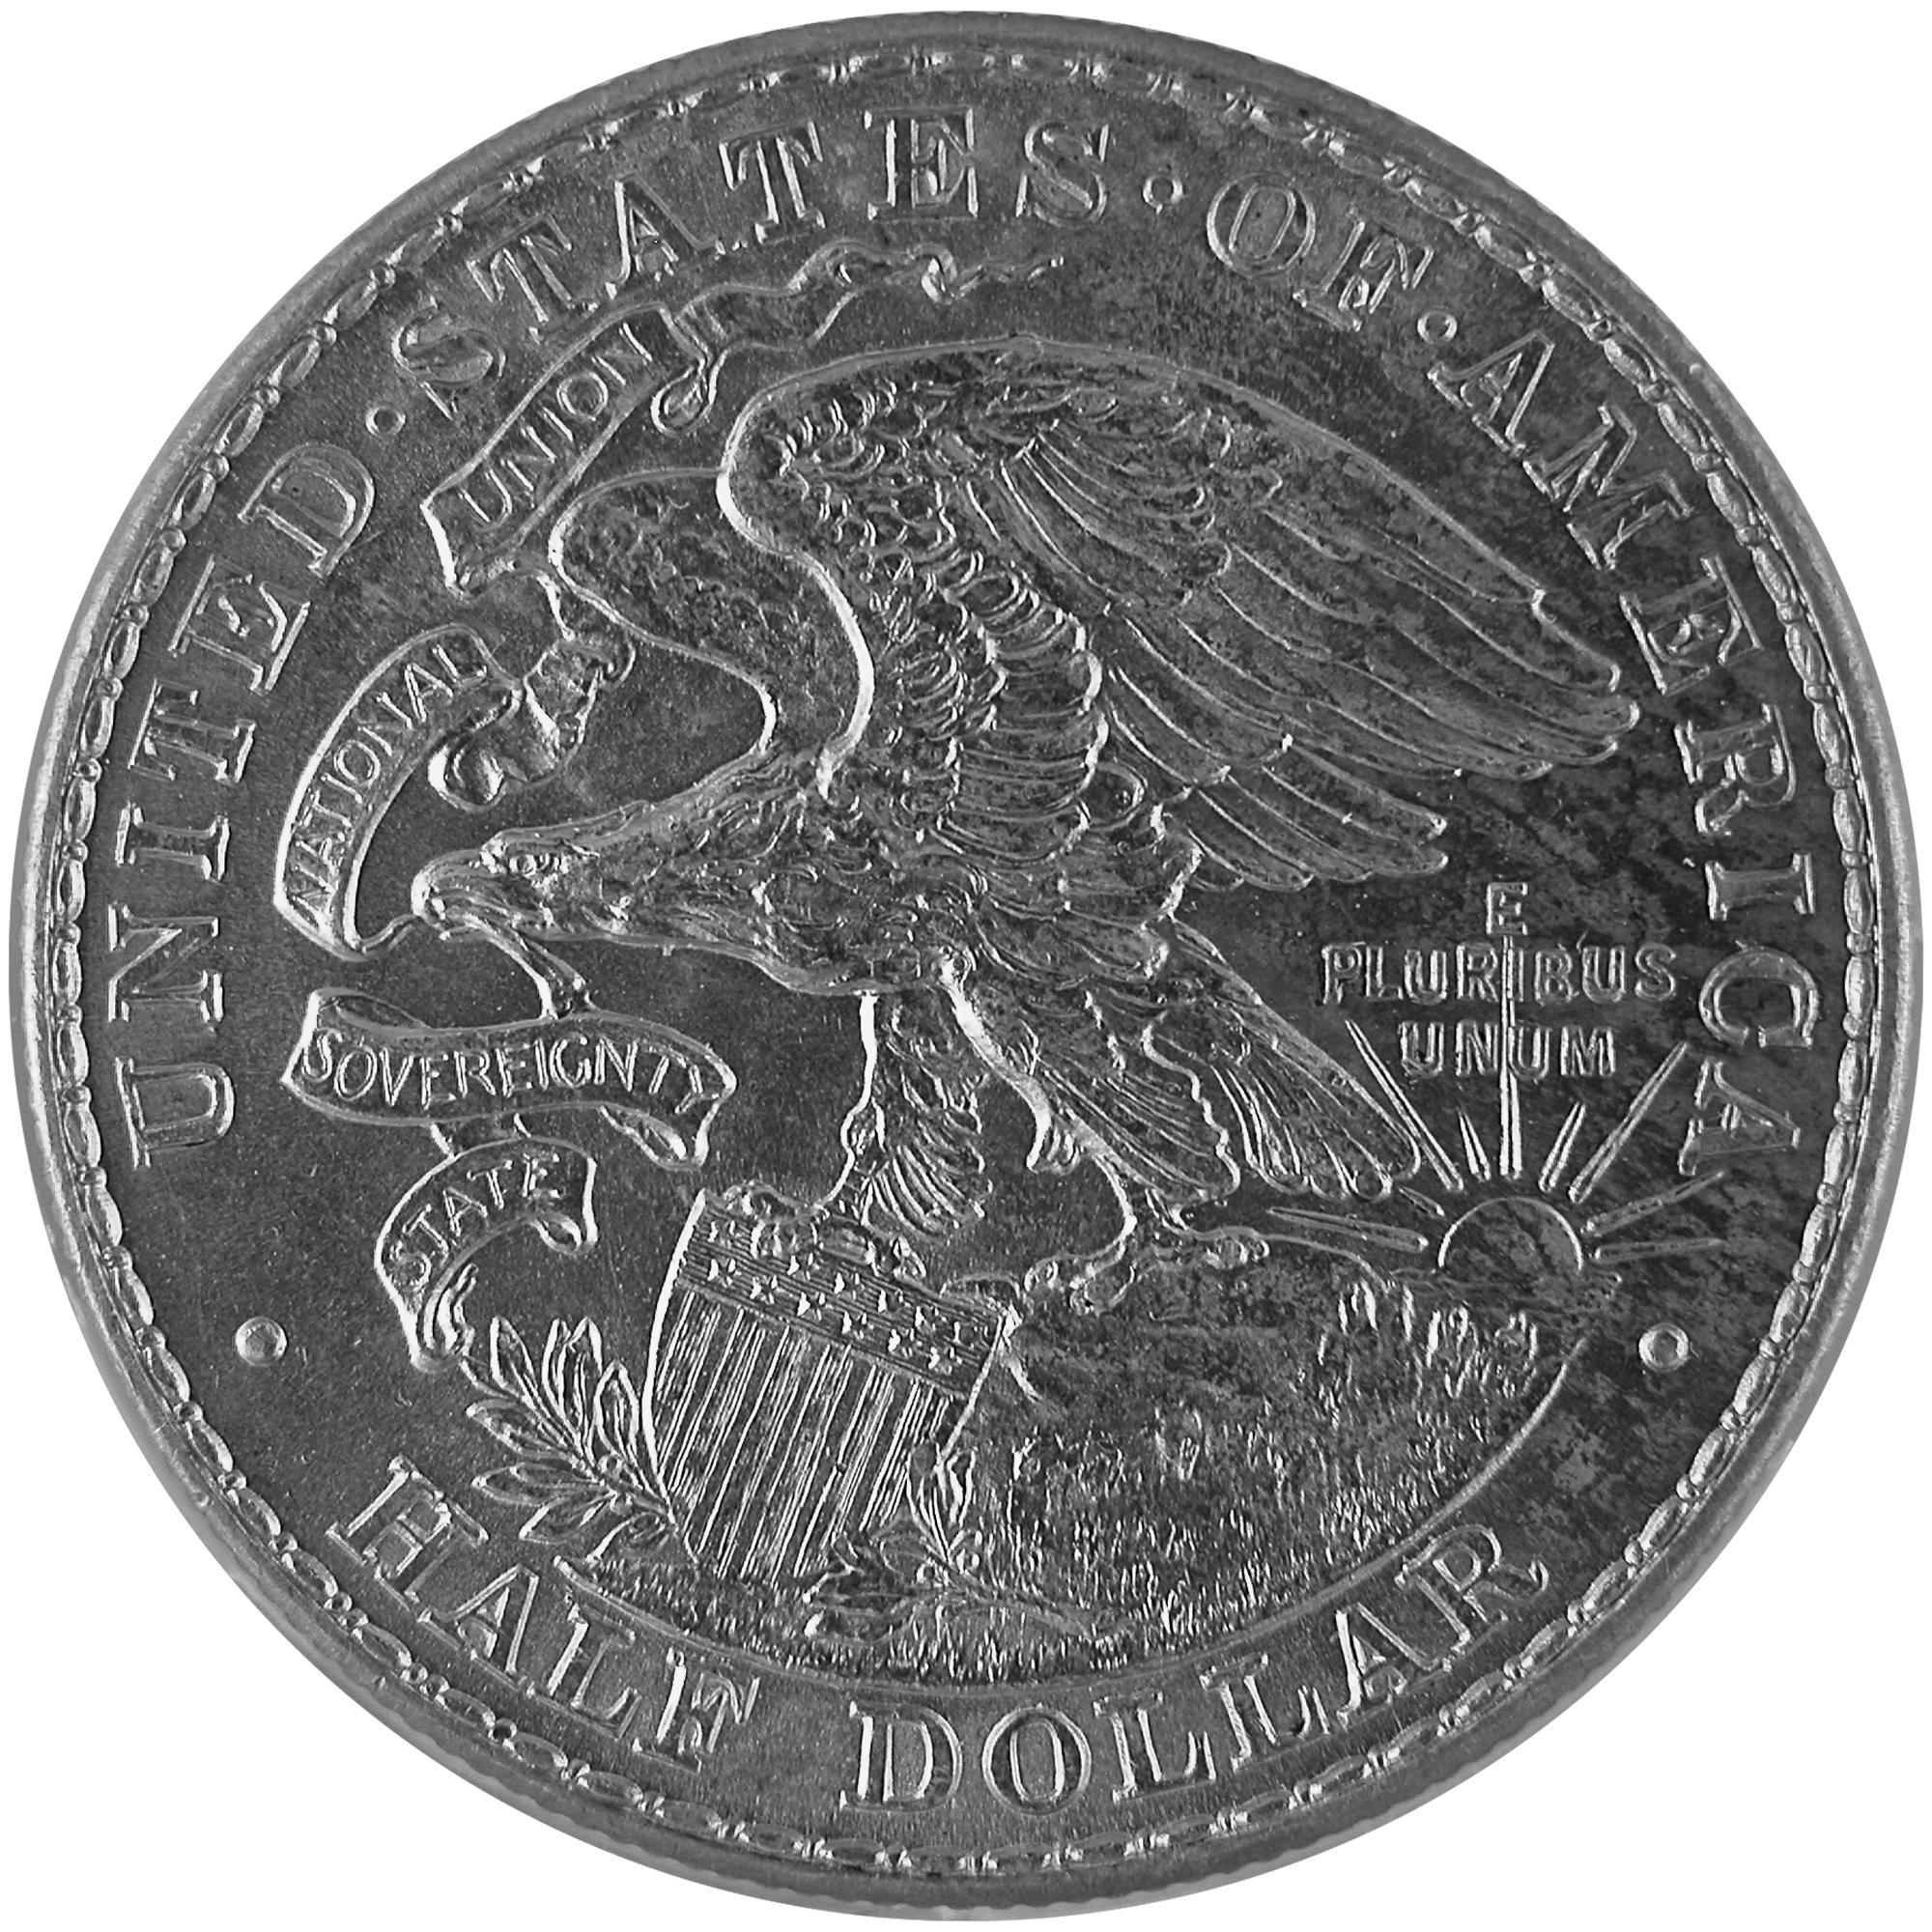 1918 Illinois Centennial Commemorative Silver Half Dollar Coin Reverse